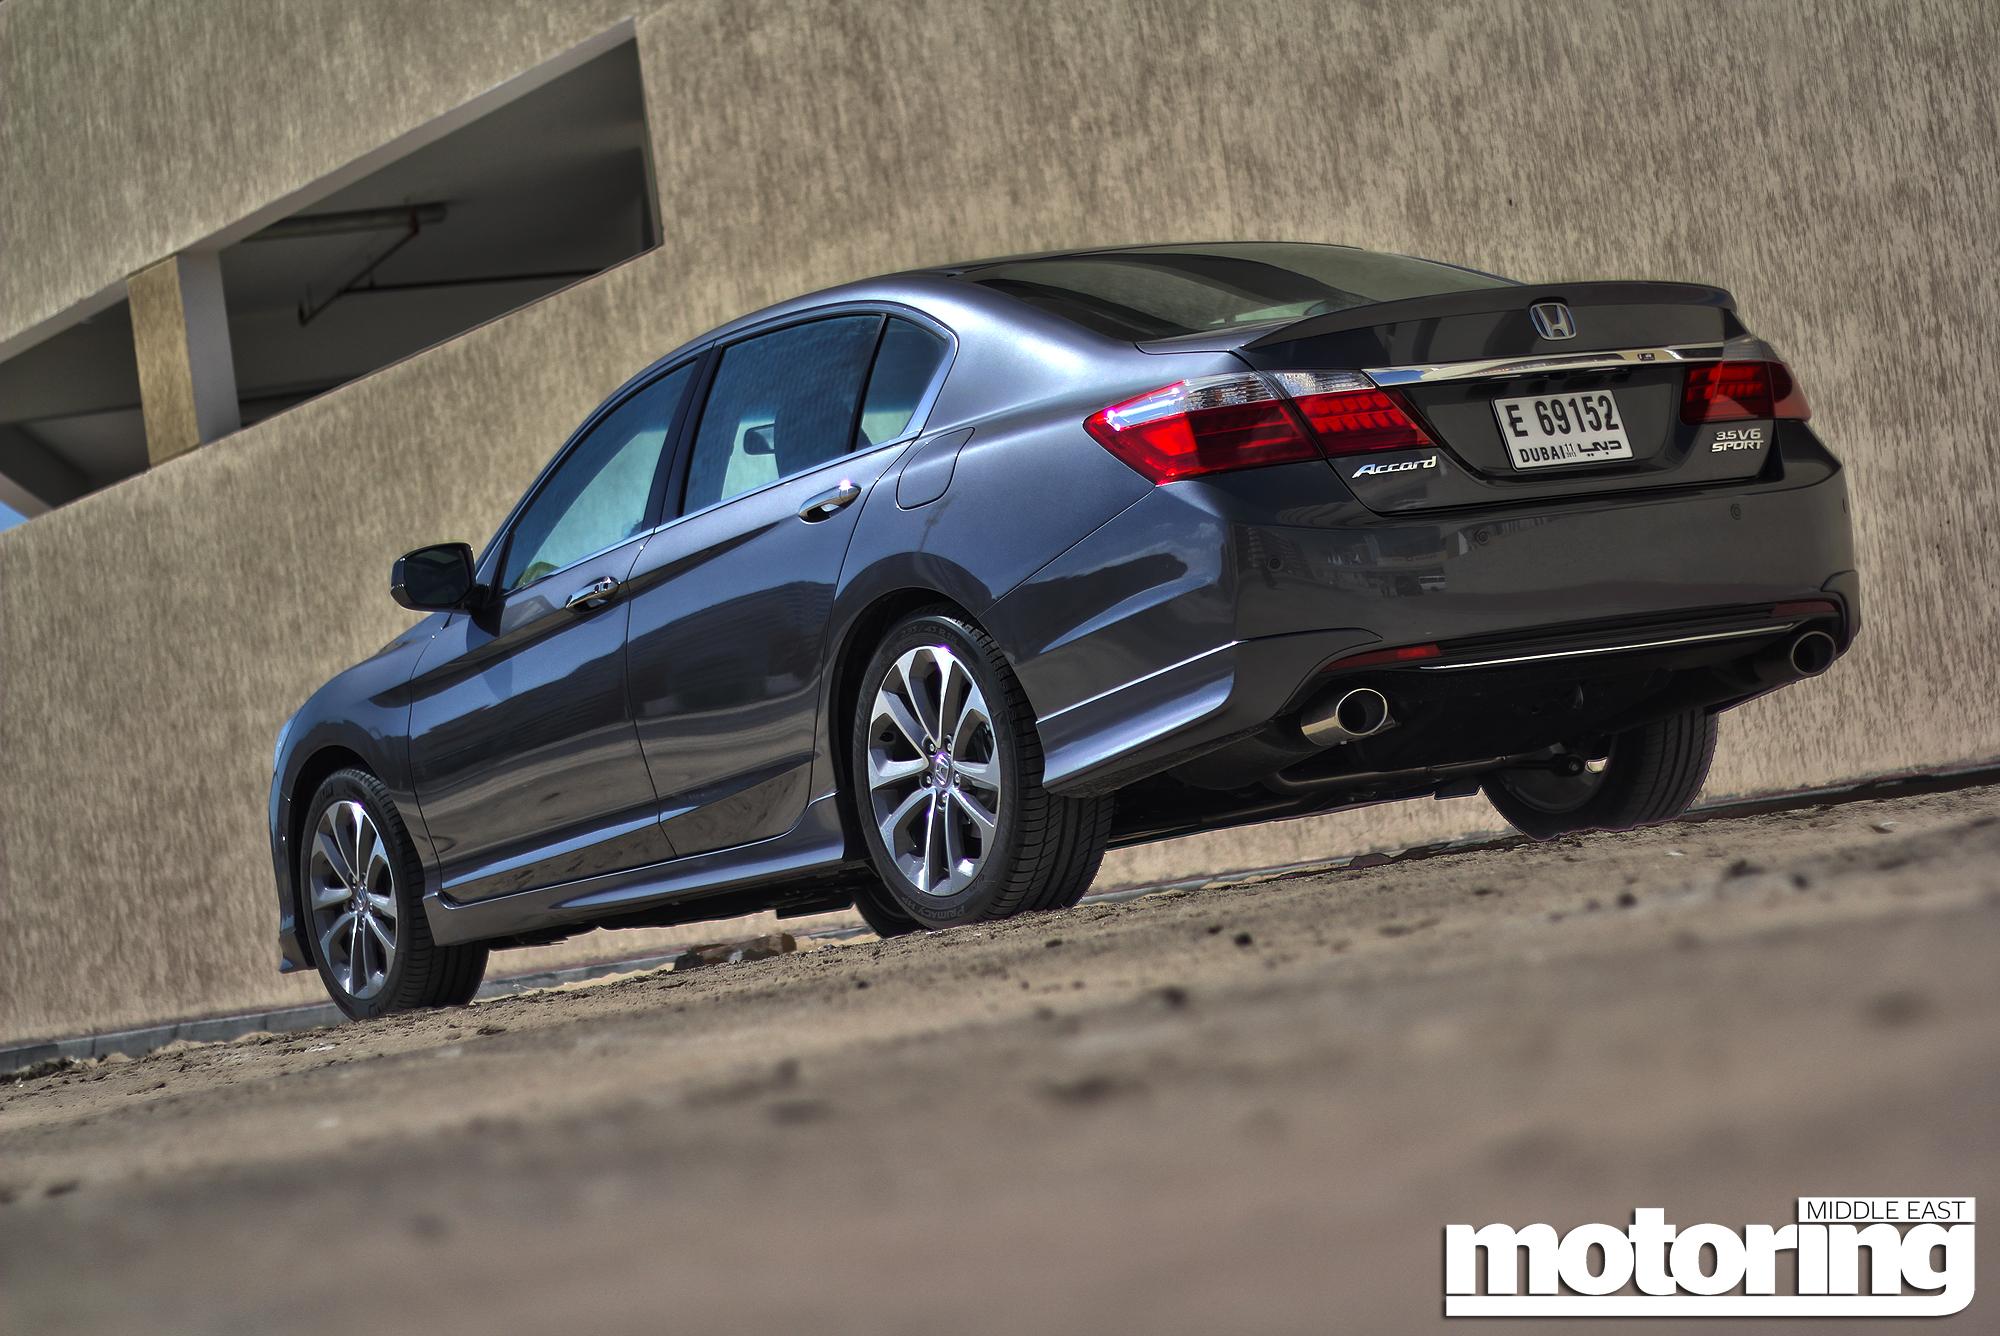 2012 Honda Accord V6 Saloon